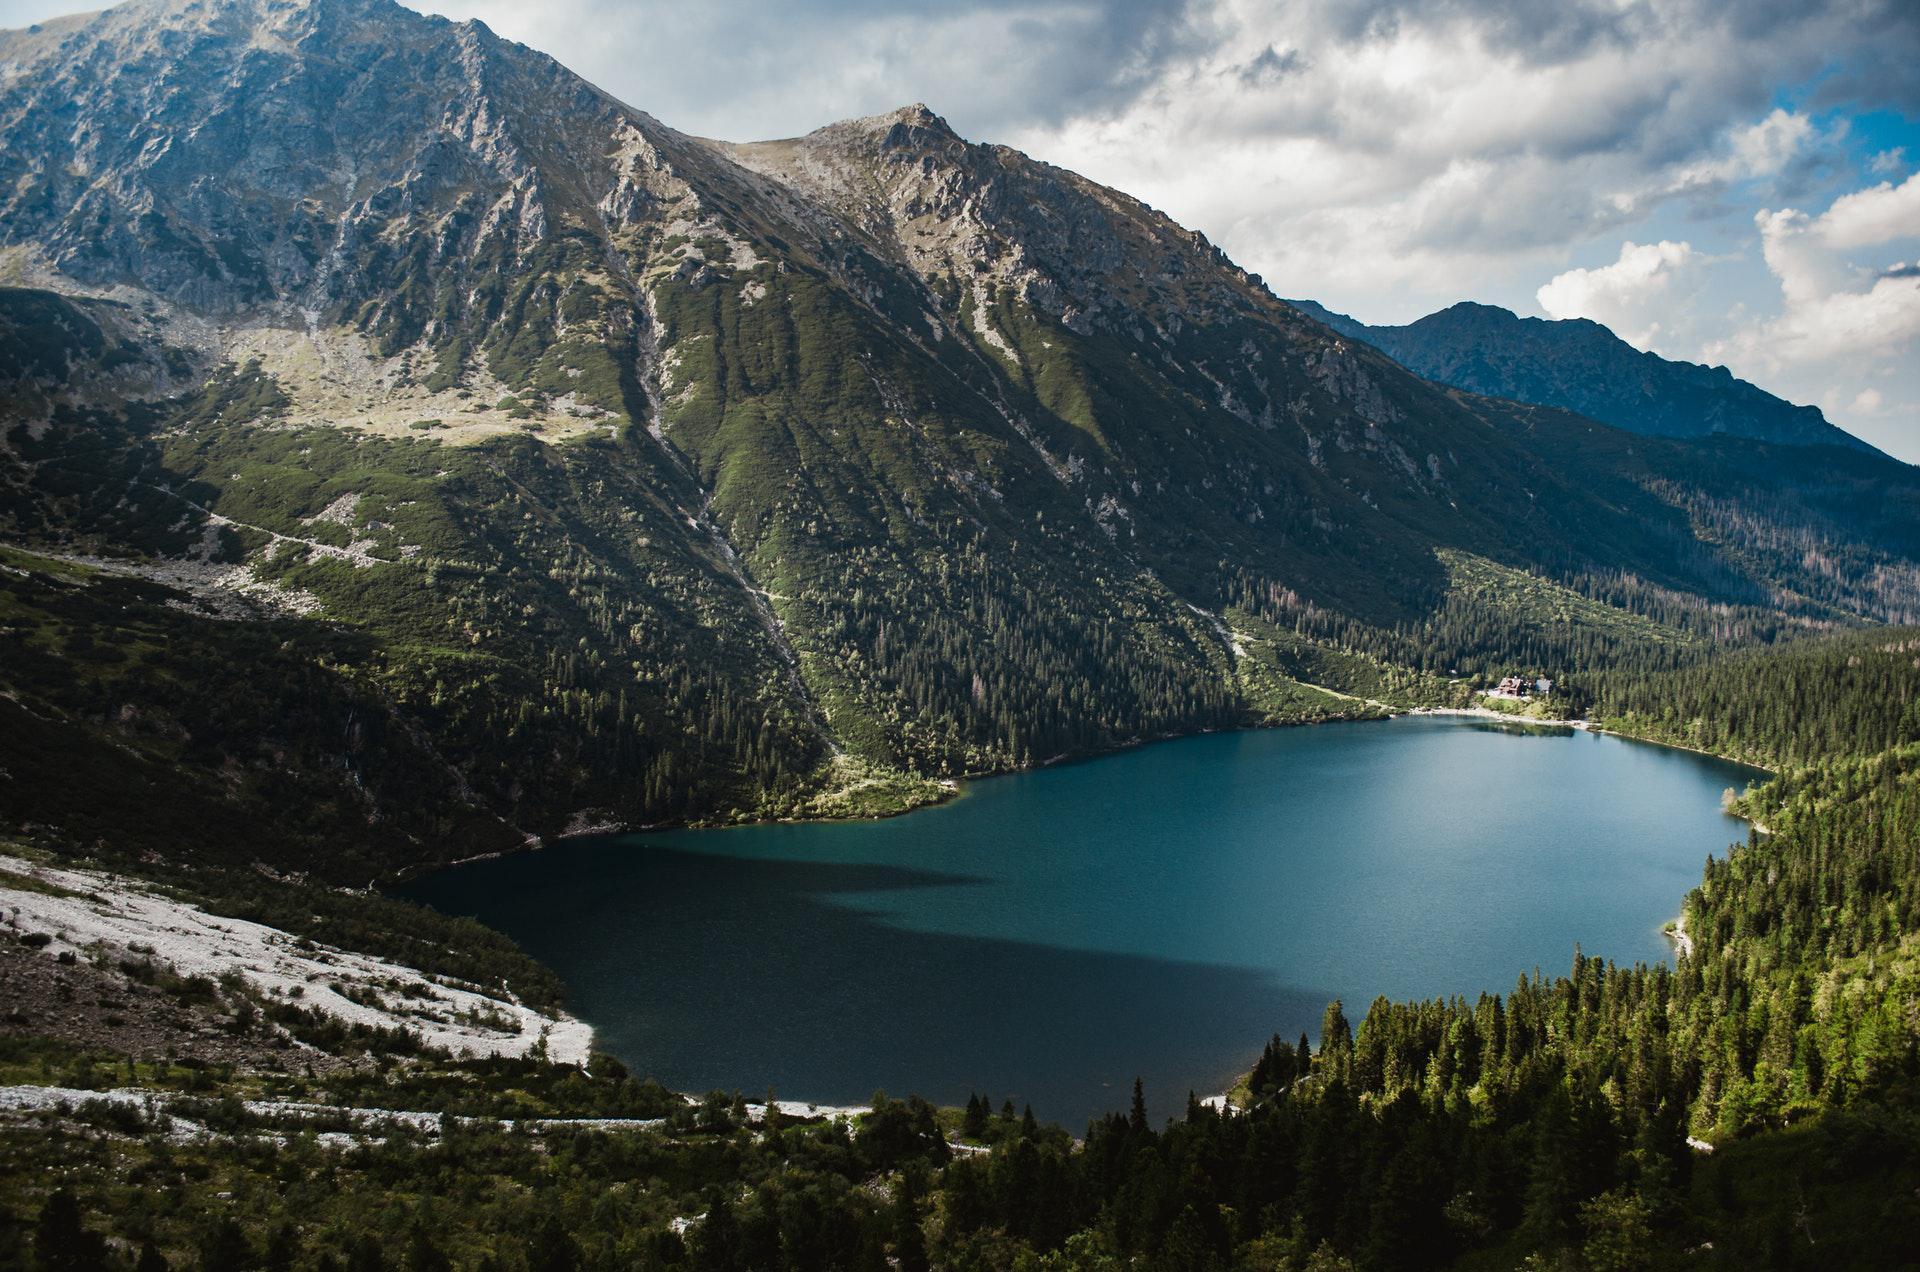 عکس زمینه منظره کوهستان و دریاچه زیر آسمان پس زمینه